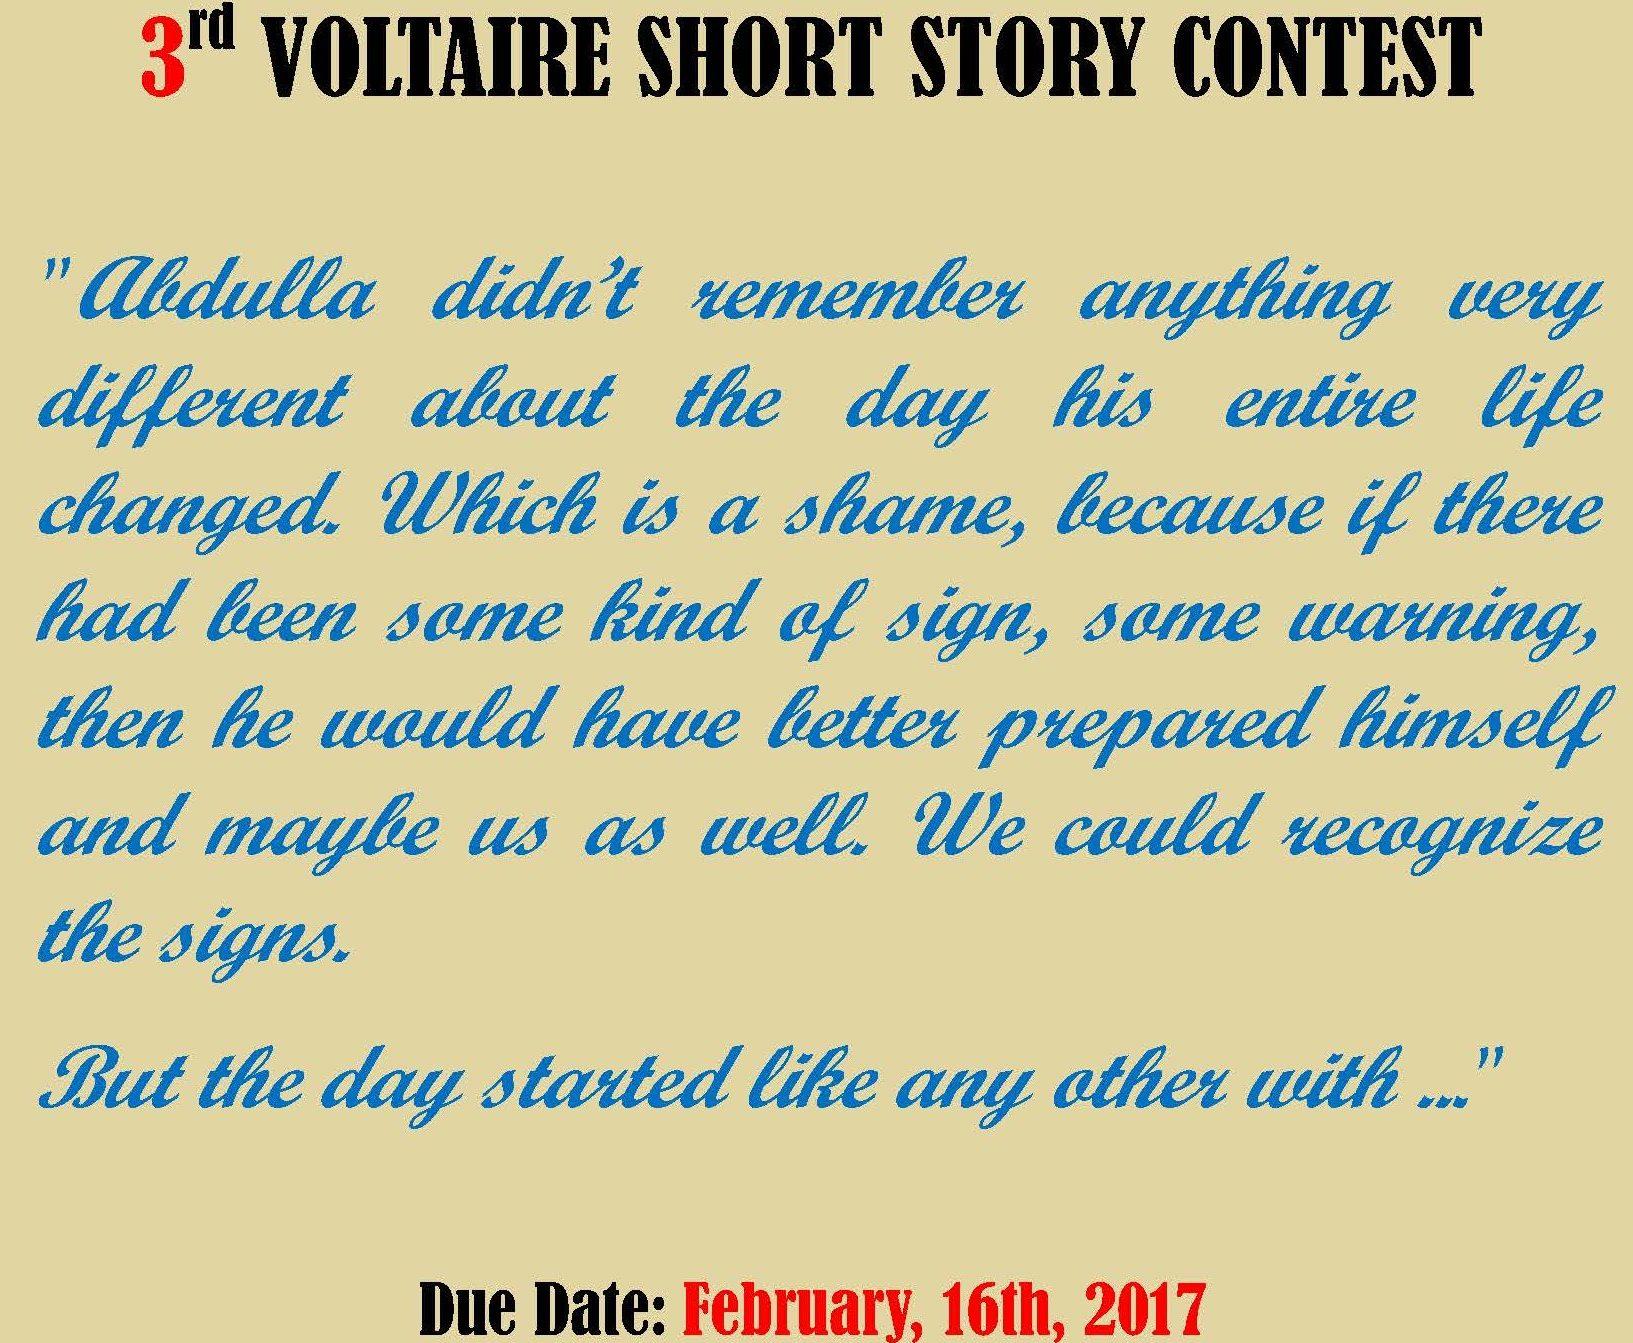 concours-de-nouvelles-en-anglais-poster-2017